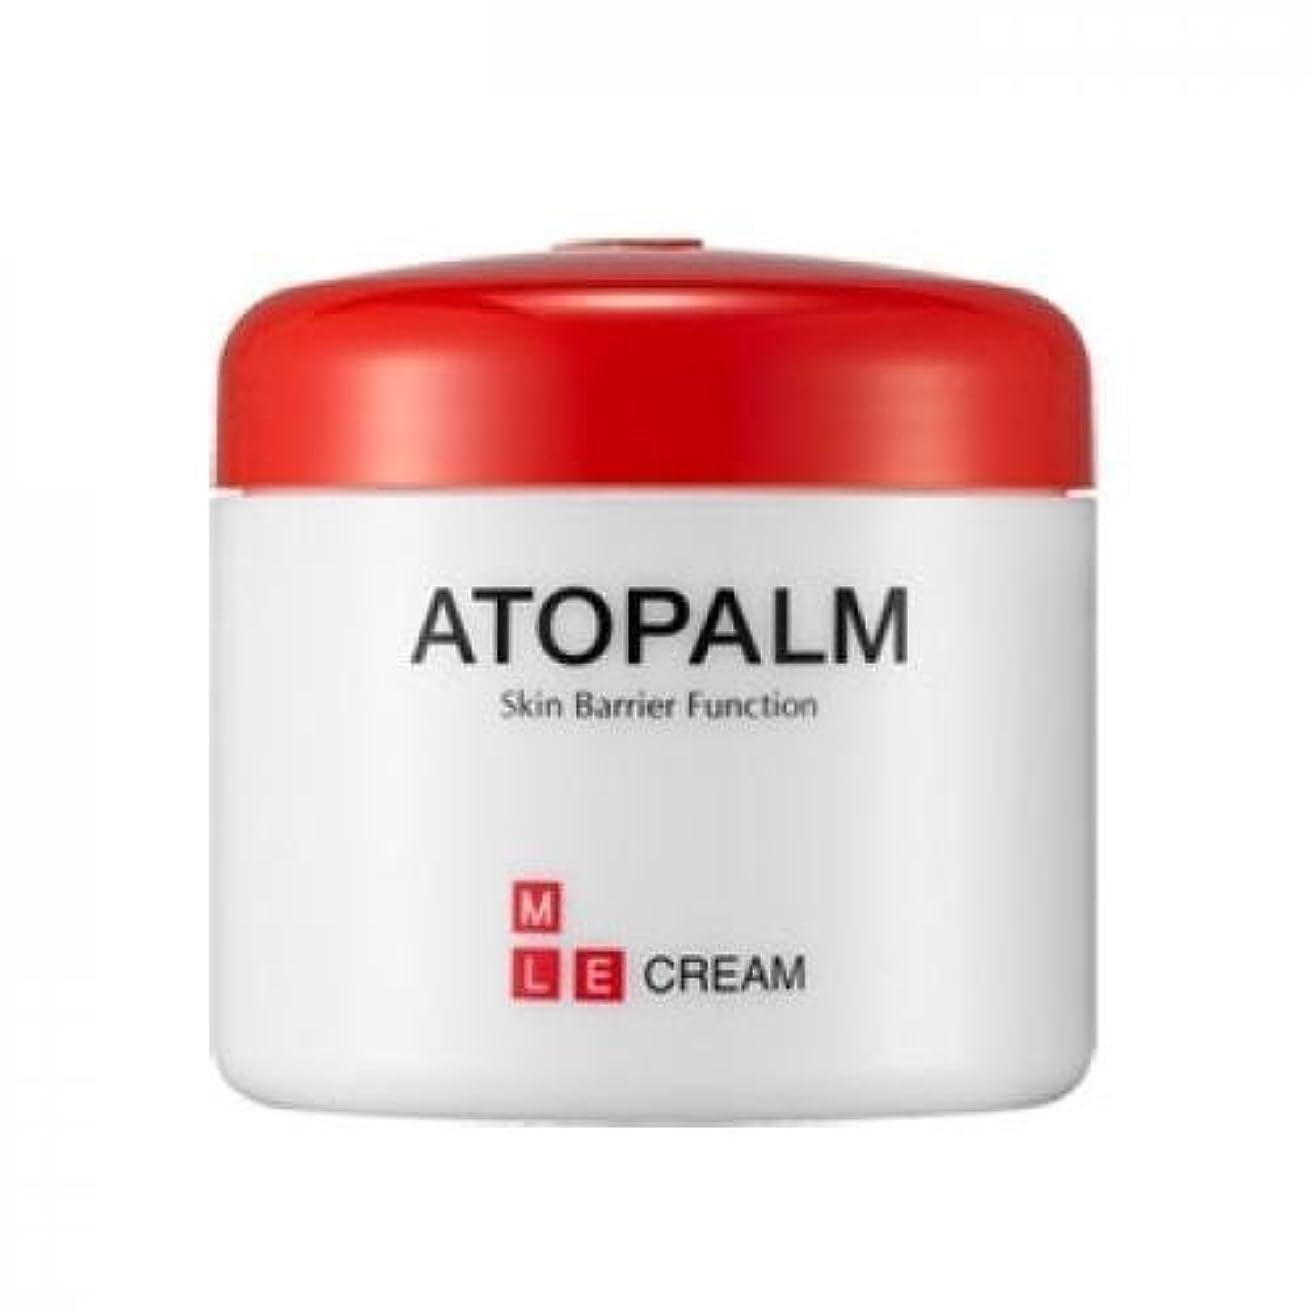 切り下げスパイラルリスキーなATOPALM MLE Cream (160ml) (Korean original)